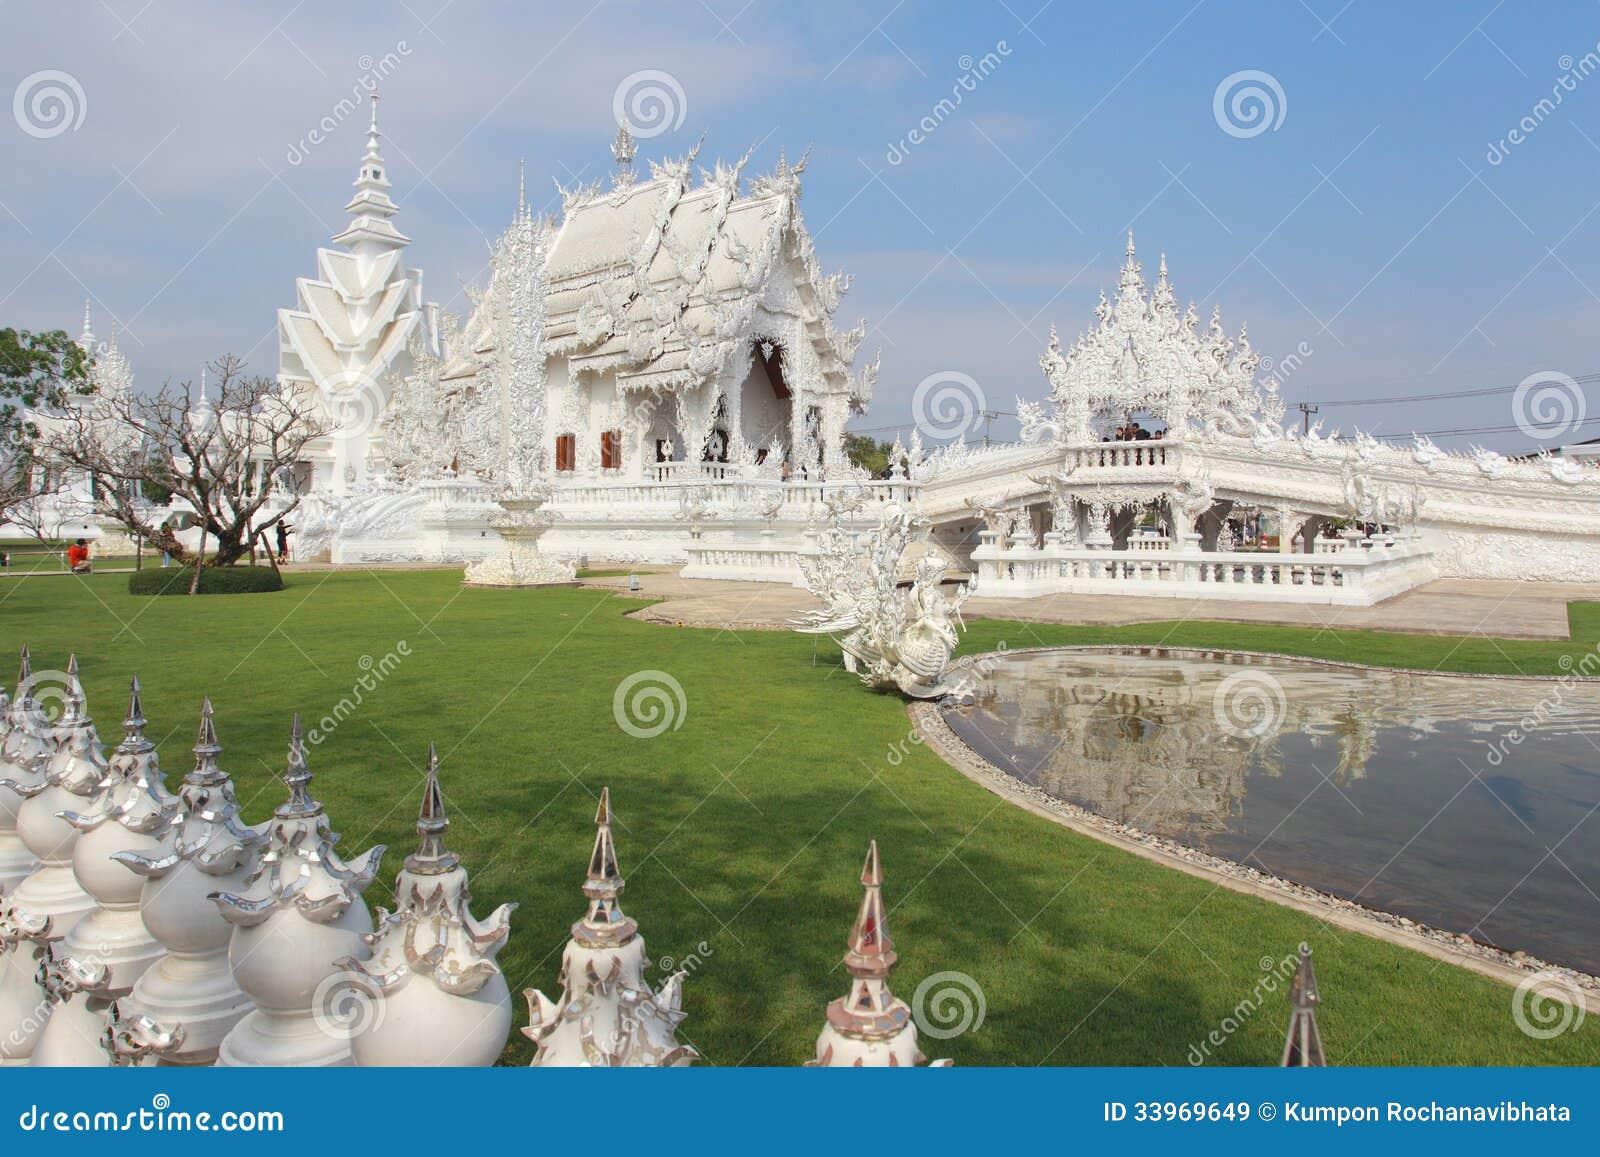 去泰国免筺(Y_寺庙在泰国 免版税库存图片 - 图片: 33969649